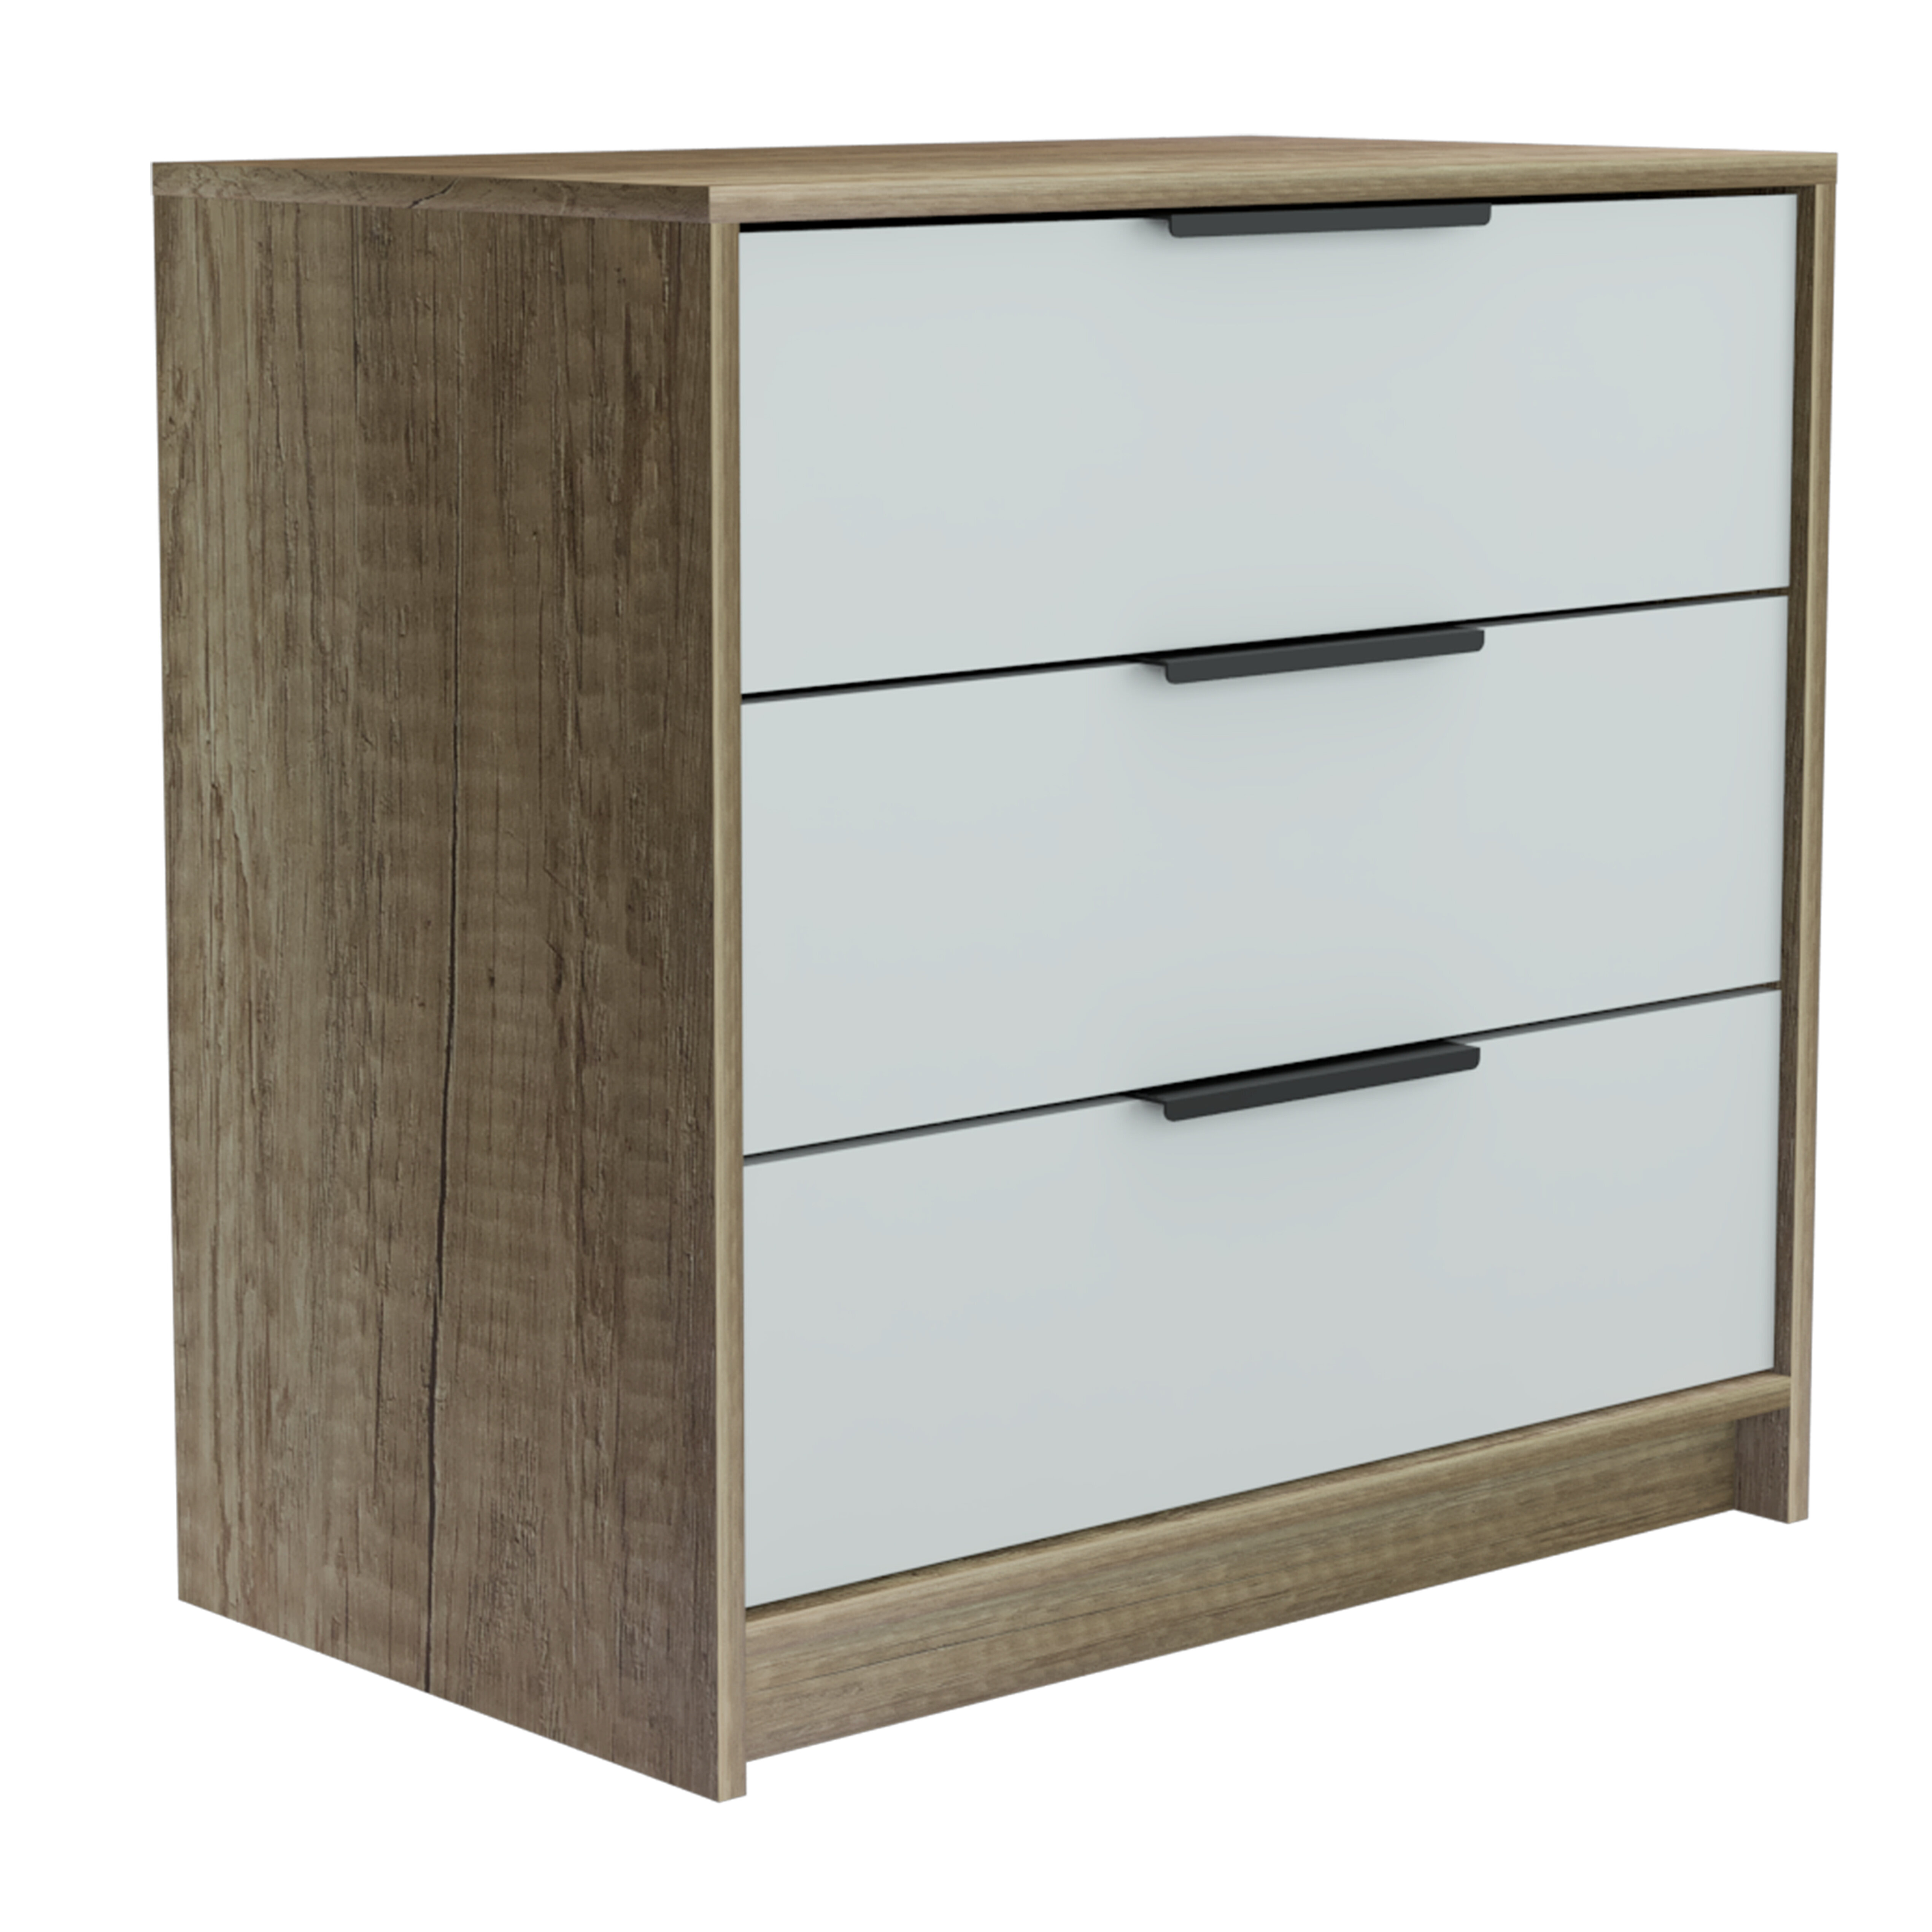 Laurel Foundry Modern Farmhouse Zackary 3 Drawer Dresser Reviews Wayfair